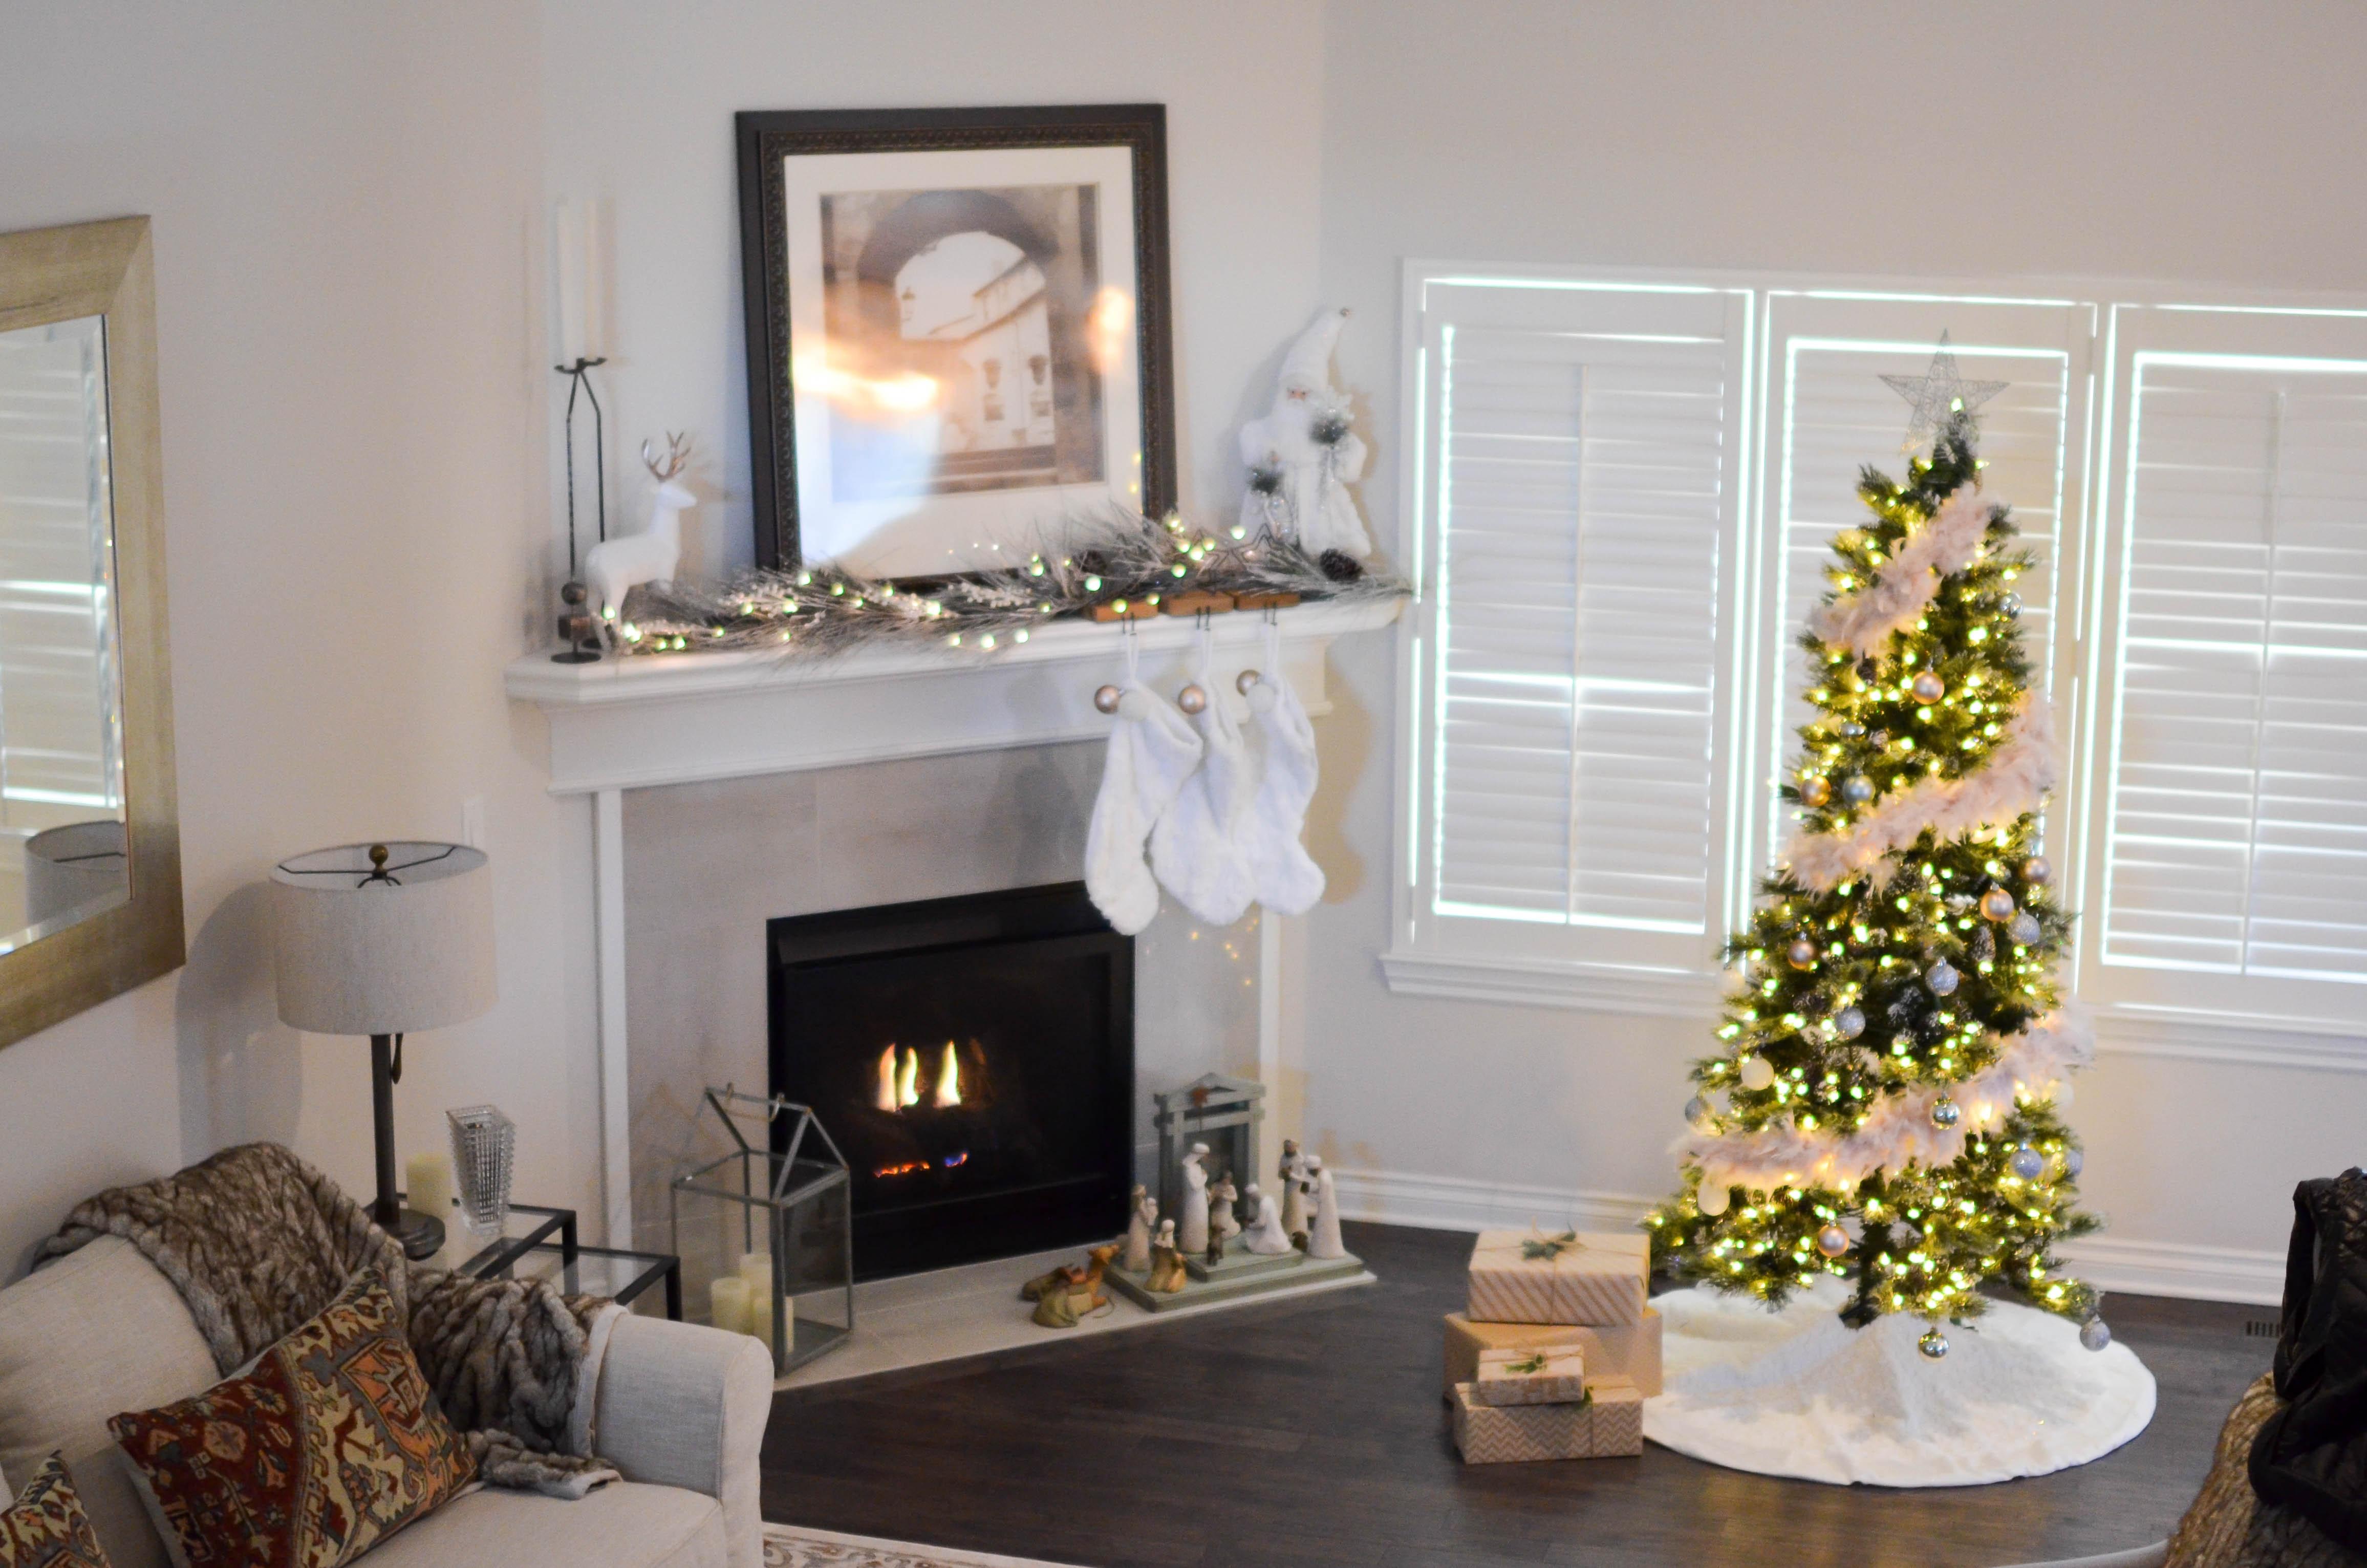 O poză cu un living împodobit pentru Crăciun.